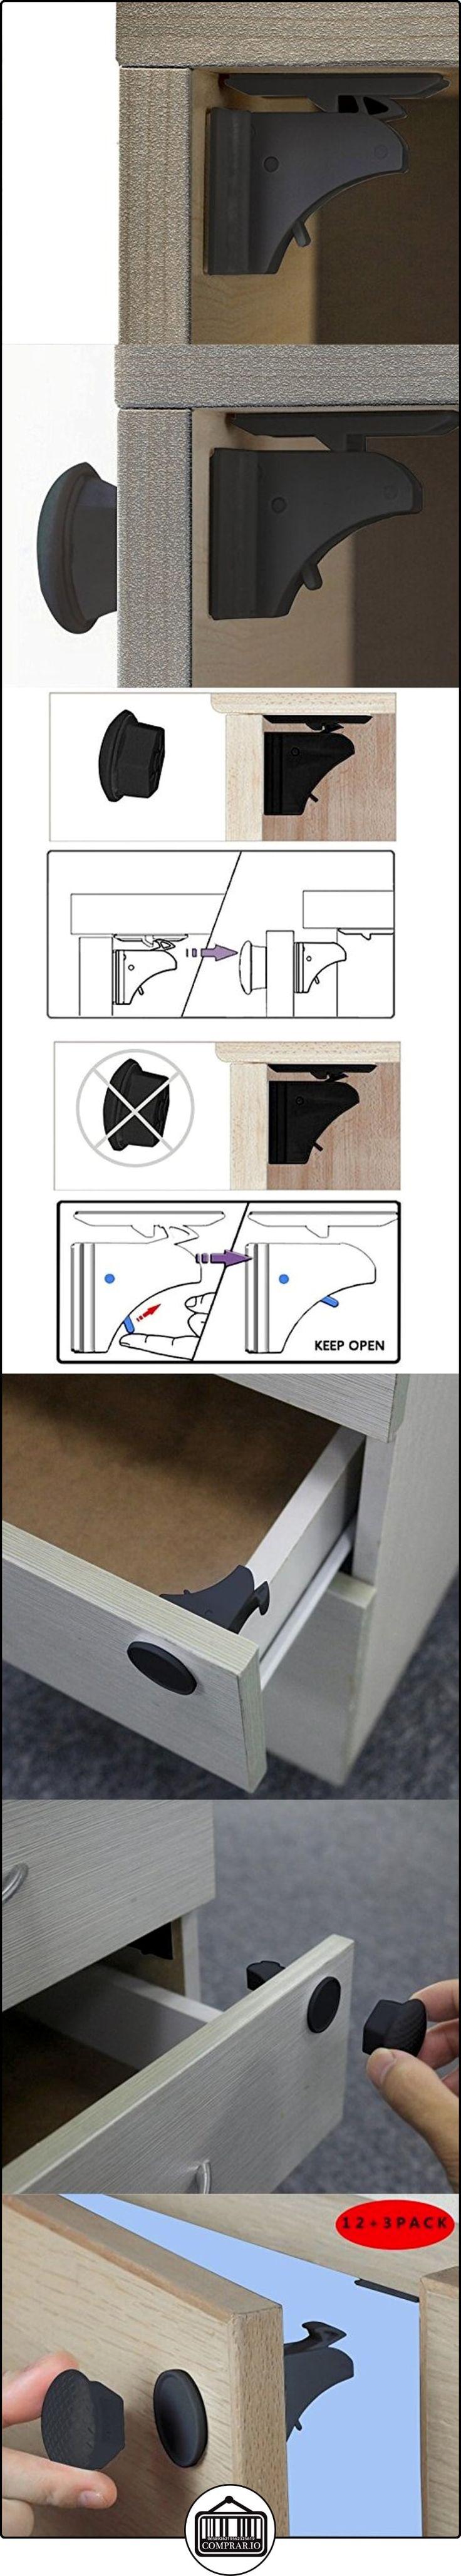 mytk 12cerraduras + 3llaves Pack niño seguridad armario Locks magnético adhesivo bebé Proofing armario/cajón cerraduras de seguridad No requiere taladrar (negro)  ✿ Seguridad para tu bebé - (Protege a tus hijos) ✿ ▬► Ver oferta: http://comprar.io/goto/B01N0E3JFQ